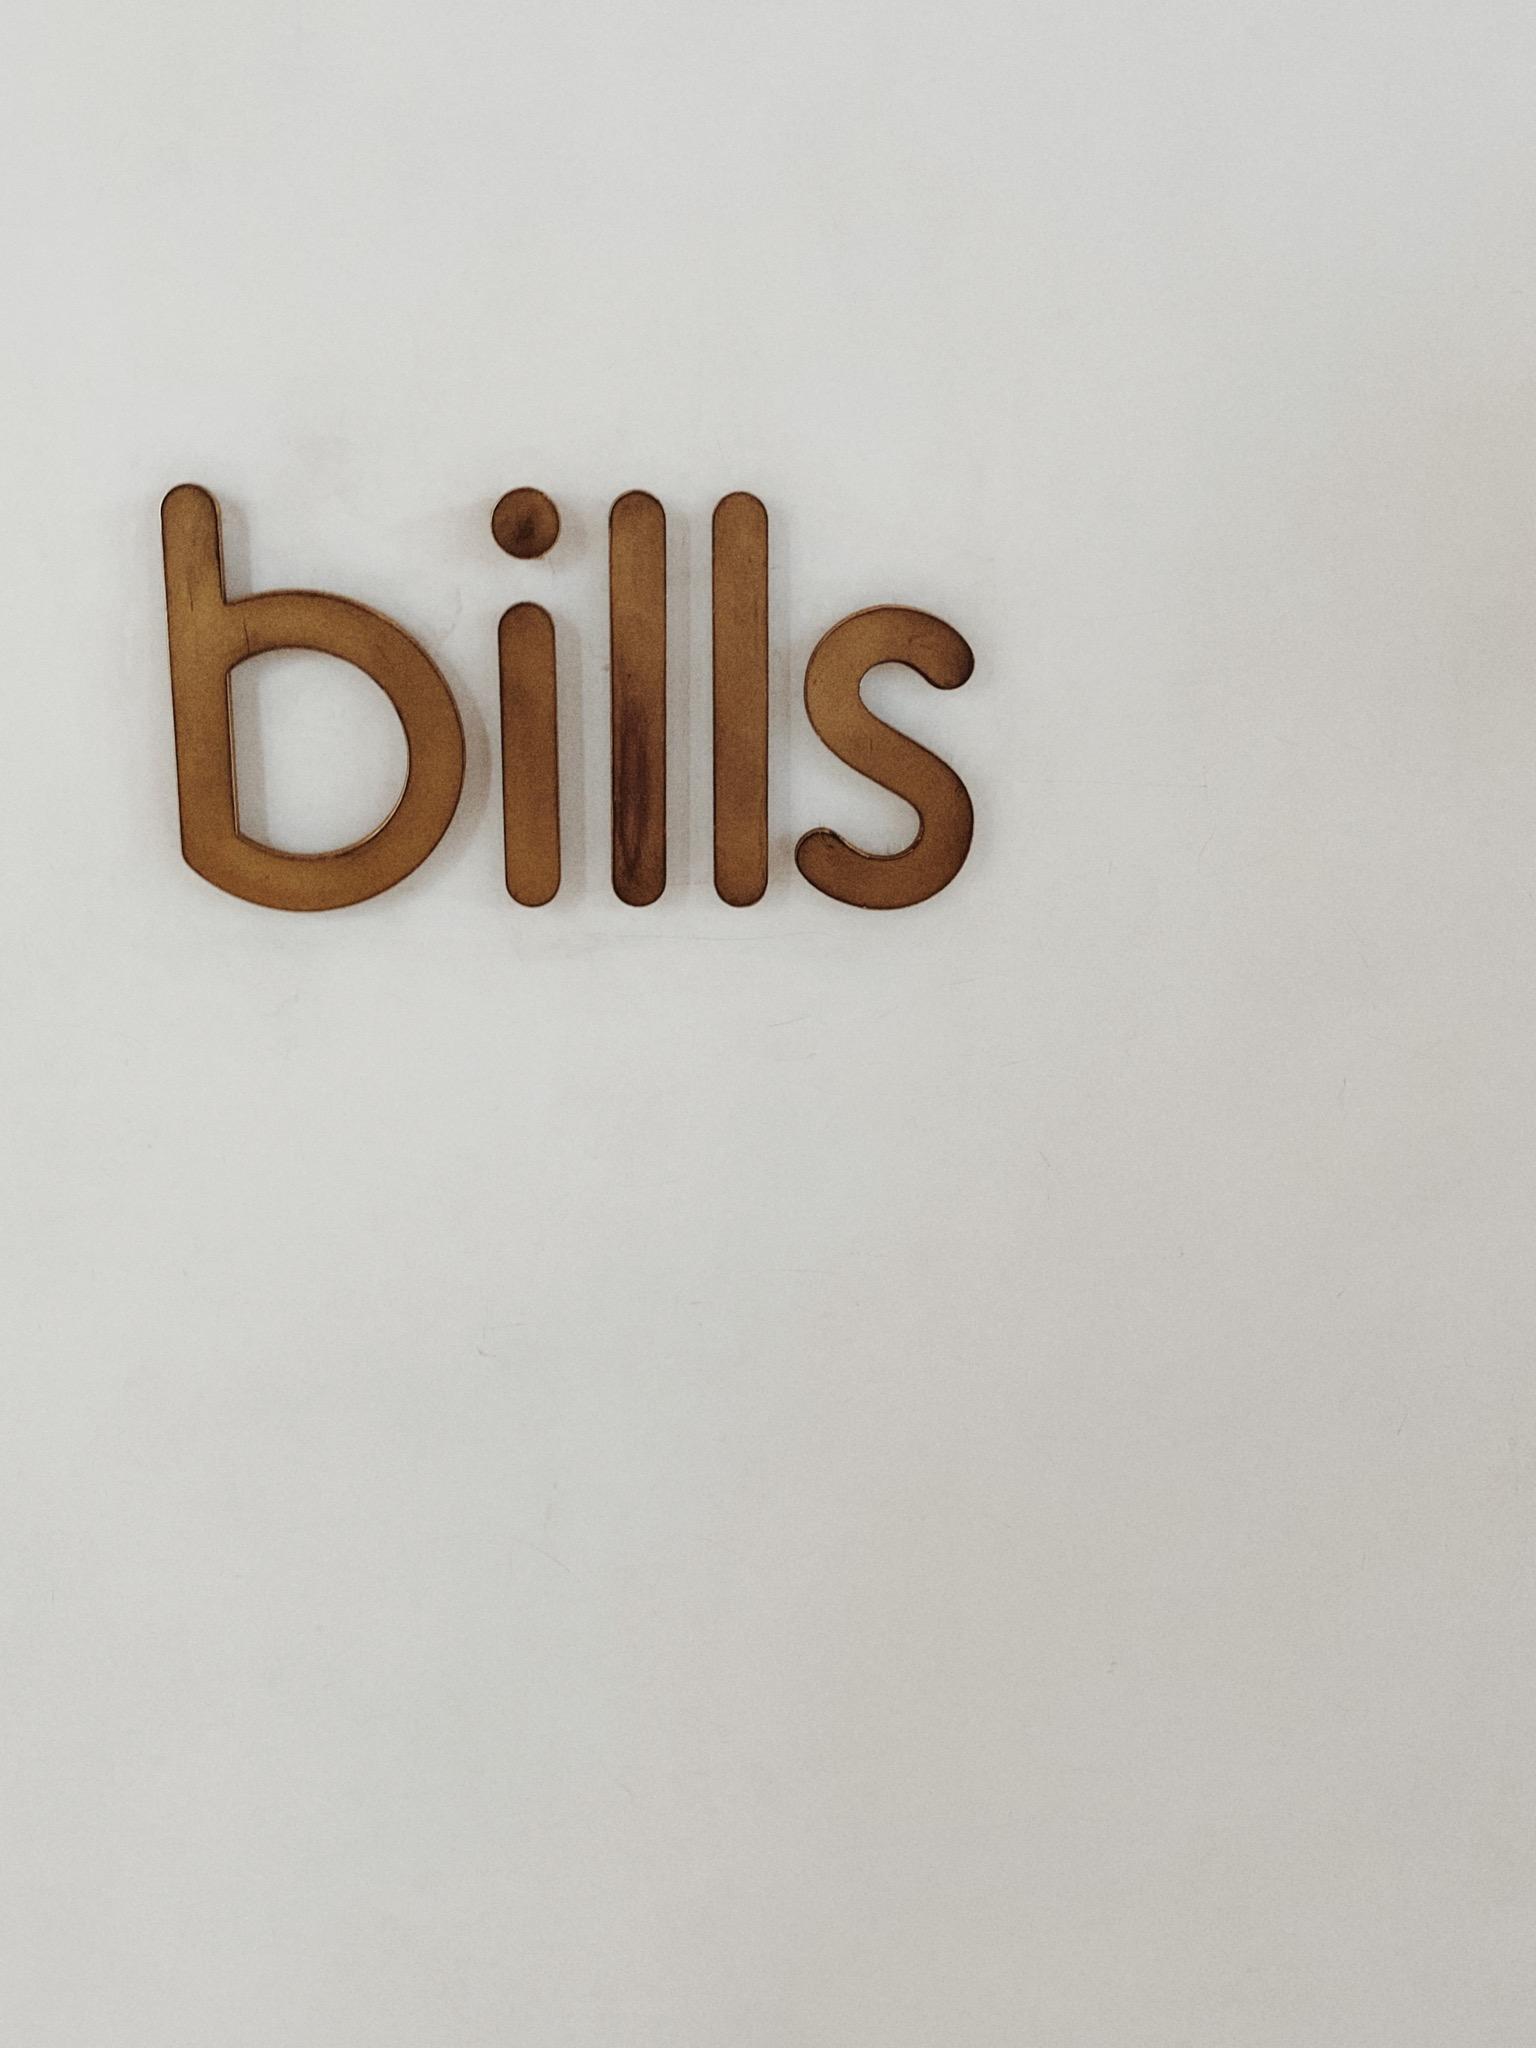 """【世界一の朝食】長く愛される""""Bills""""のスクランブルエッグが絶品_1"""